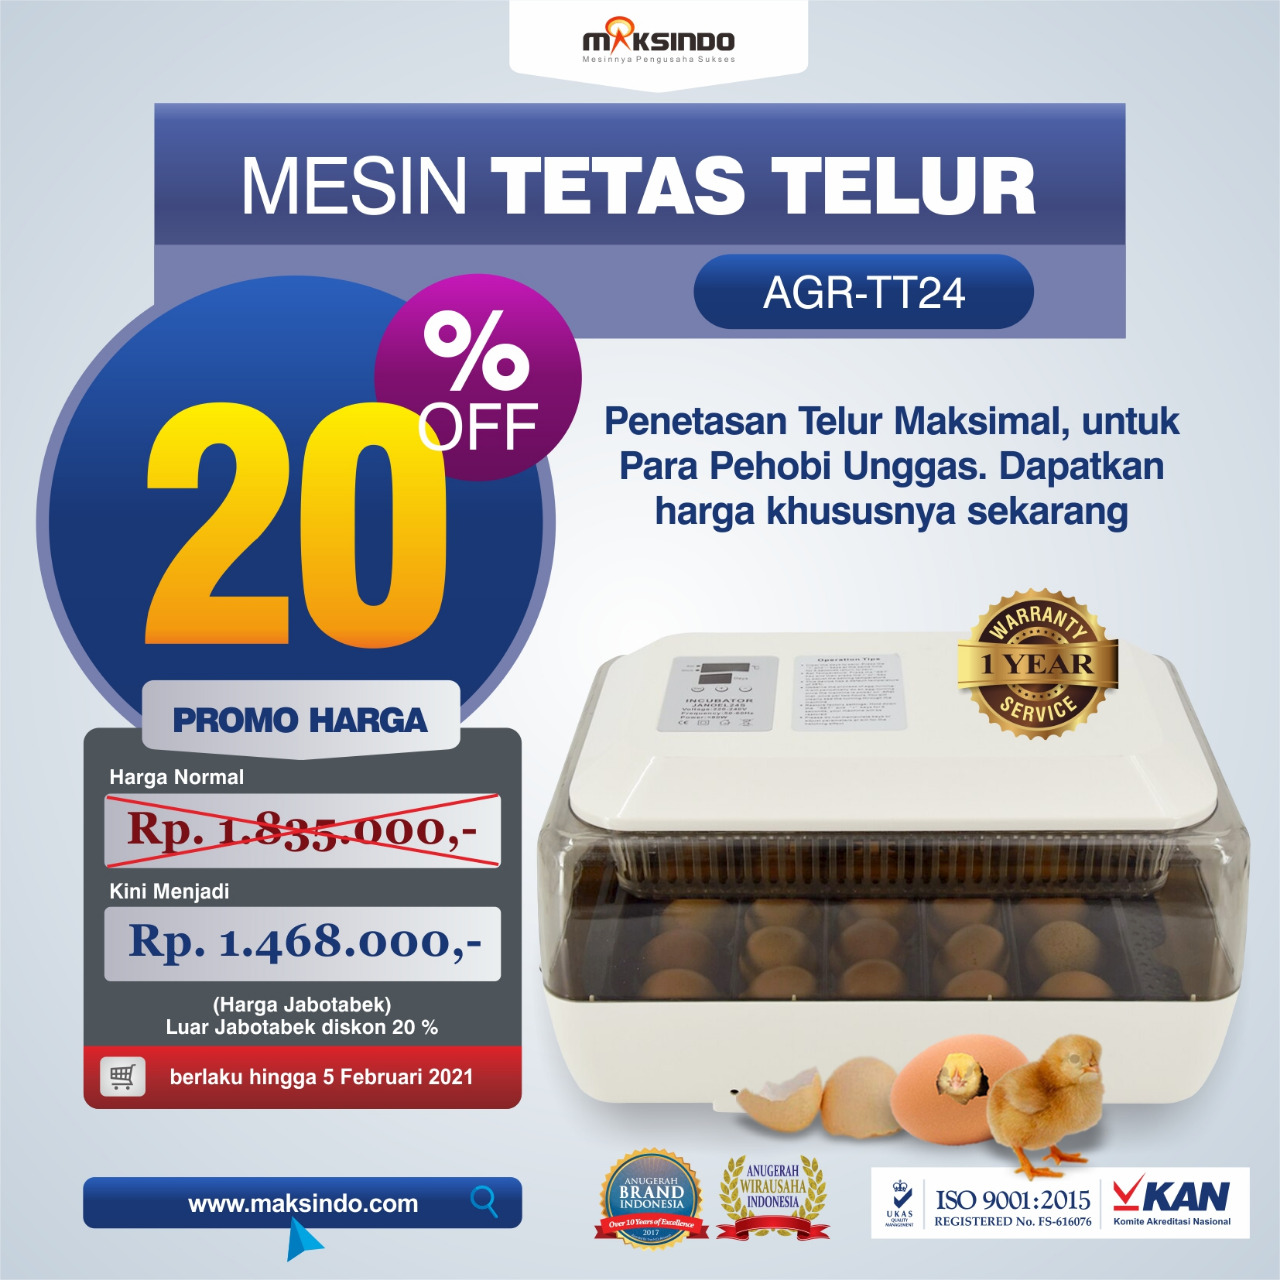 Jual Mesin Tetas Telur (AGR-TT24) di Solo